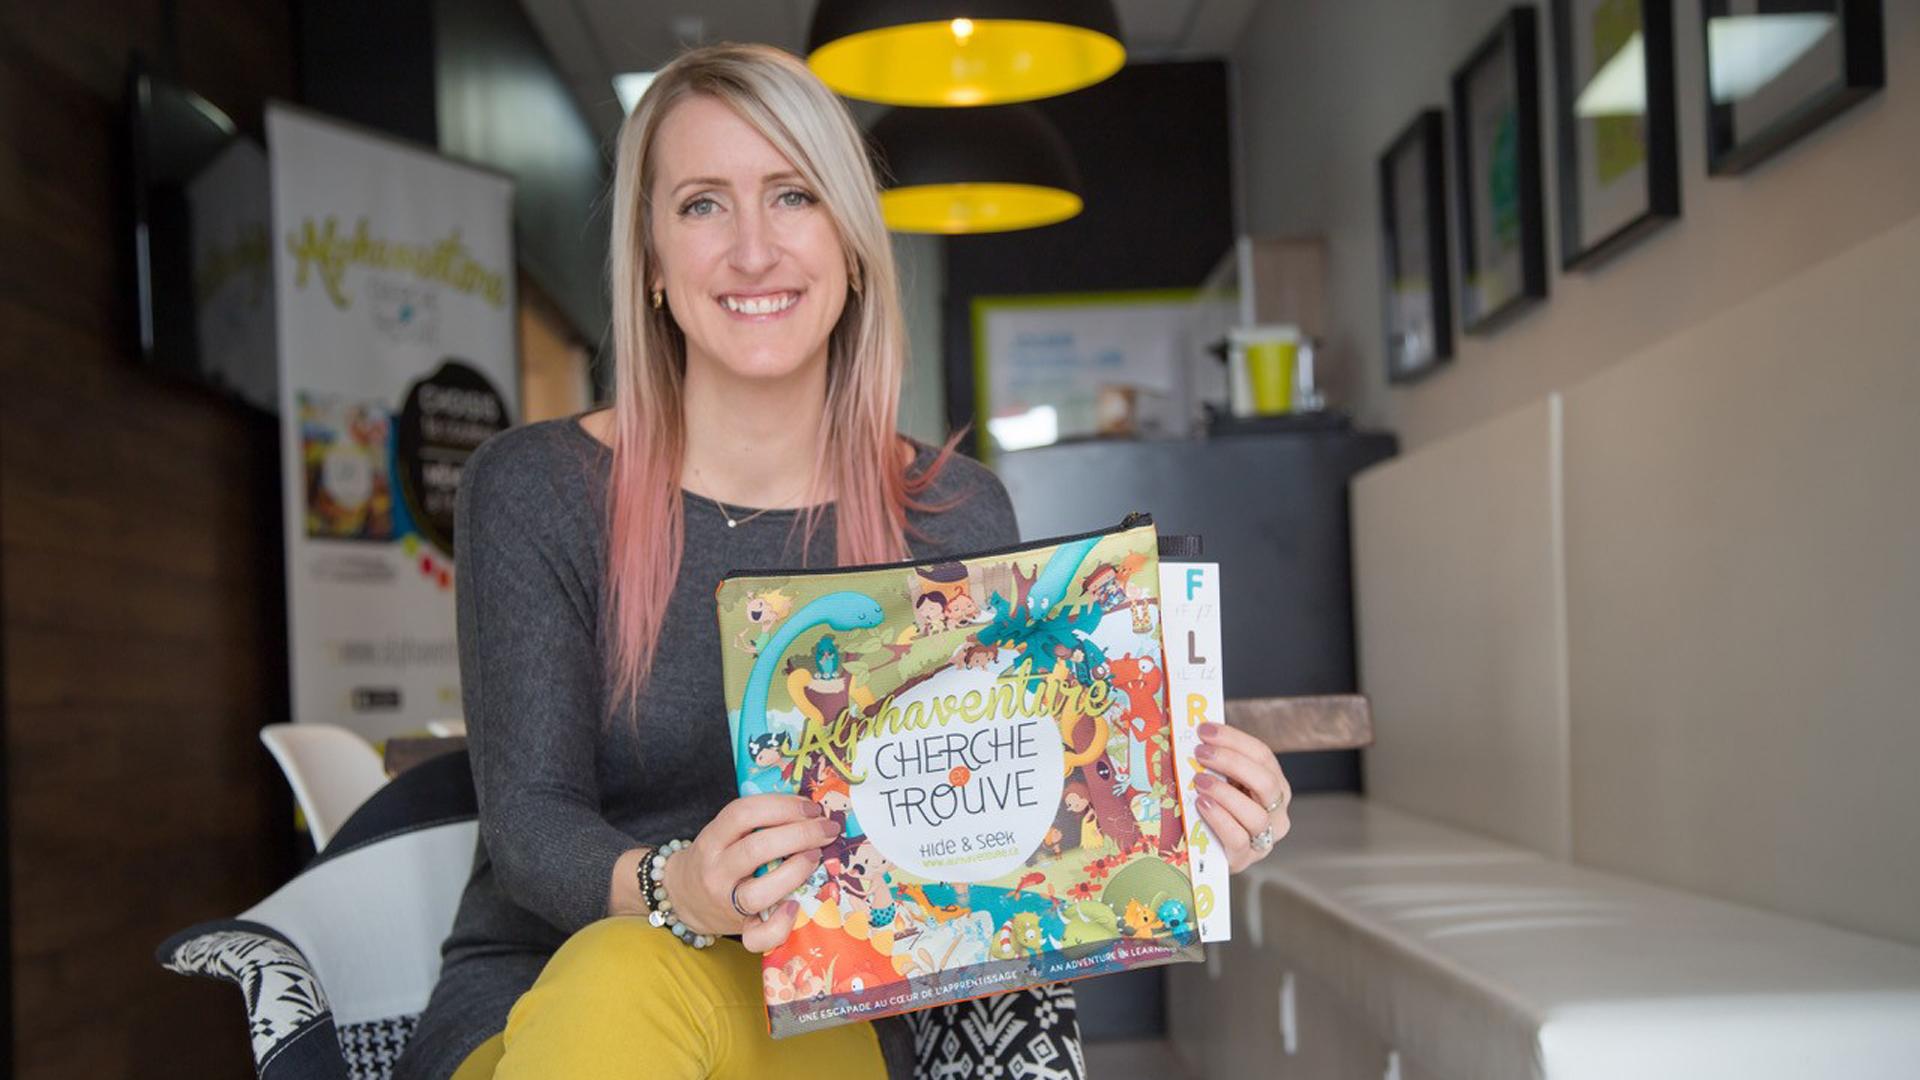 Marie-Michèle Bouchard-Roussin fondatrice d'Alphaventure cherche et trouve - Relations de presse Fagnan relations publiques Drummondville